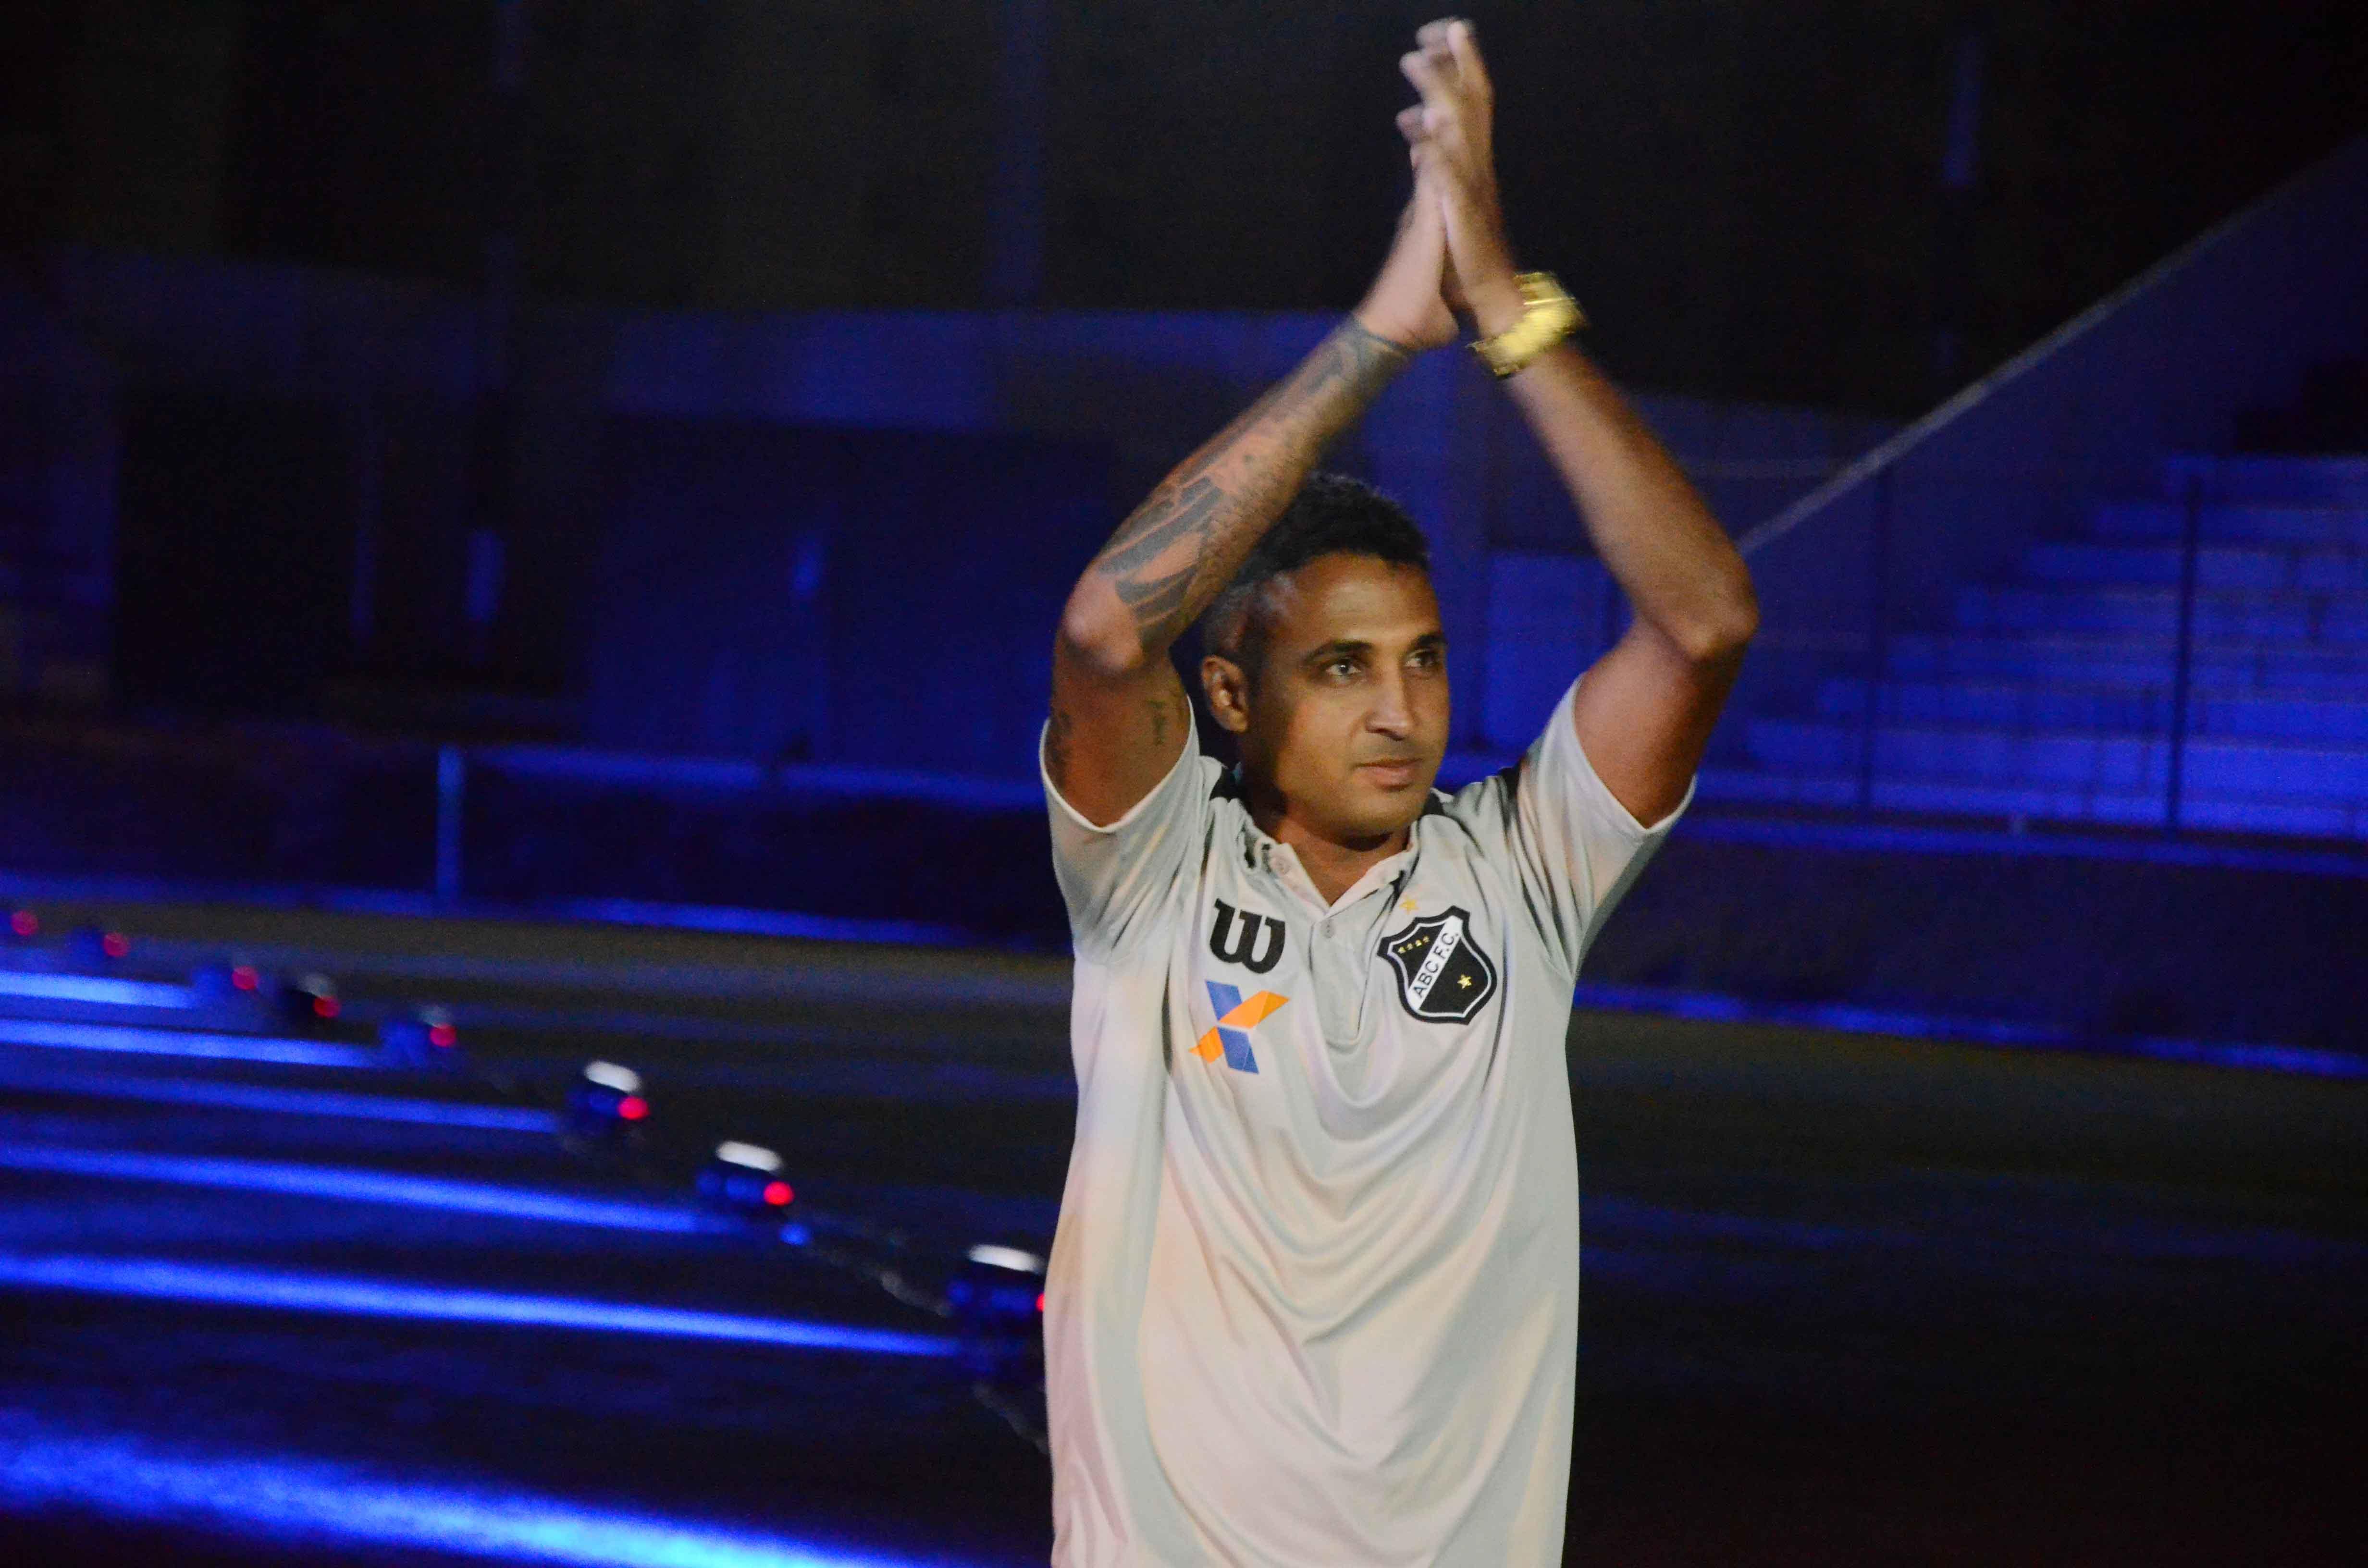 Fabinho Alves espera retribuir carinho da torcida do ABC em campo - Globo.com